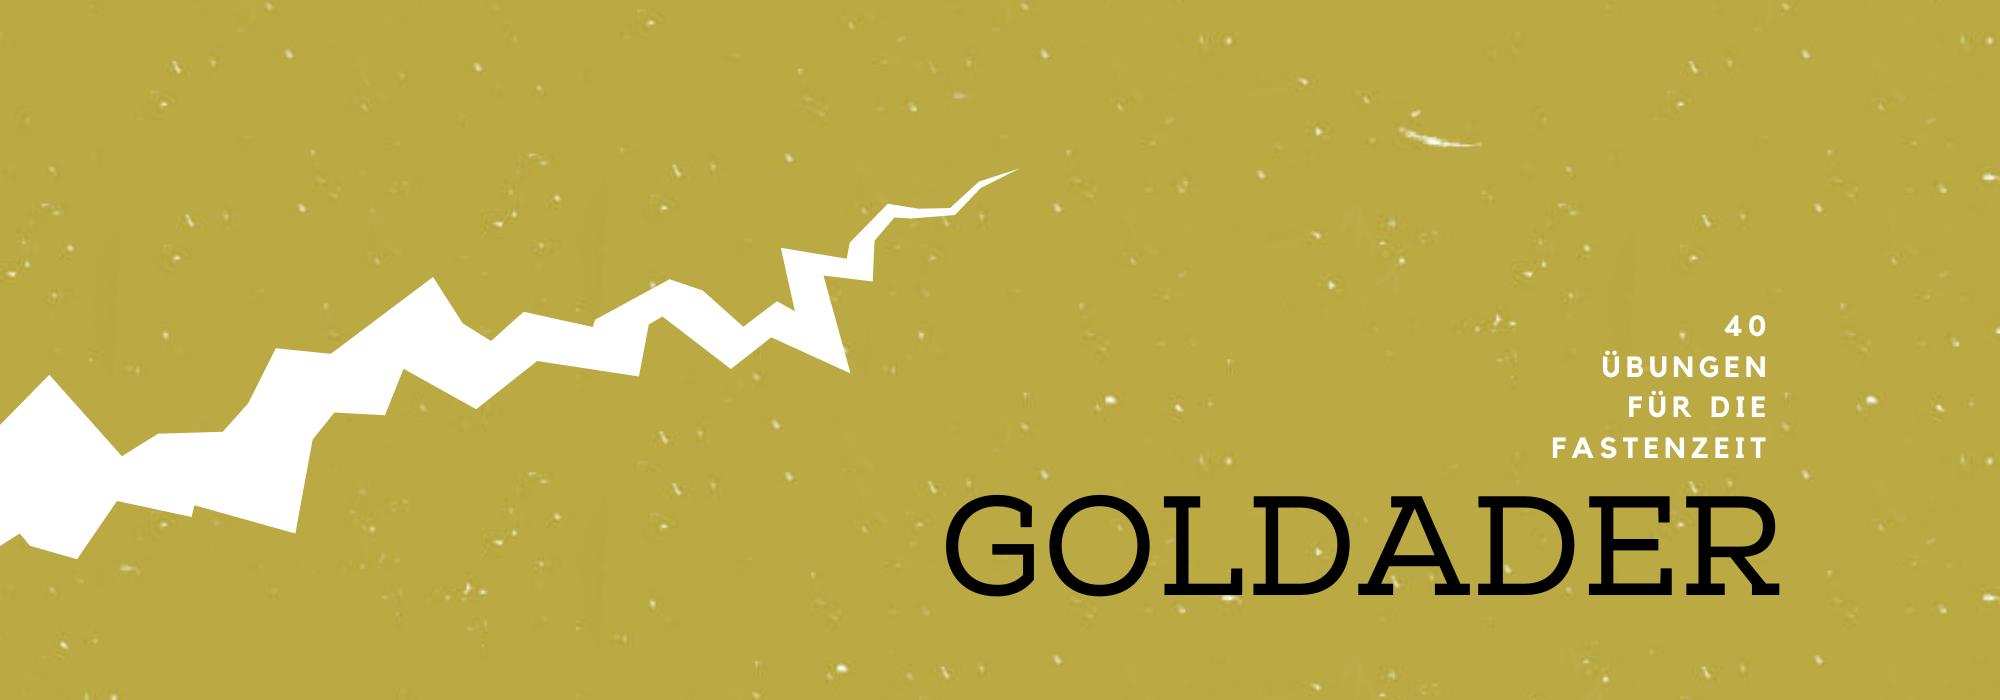 Kopie von Kopie von goldader wortbild - Goldader